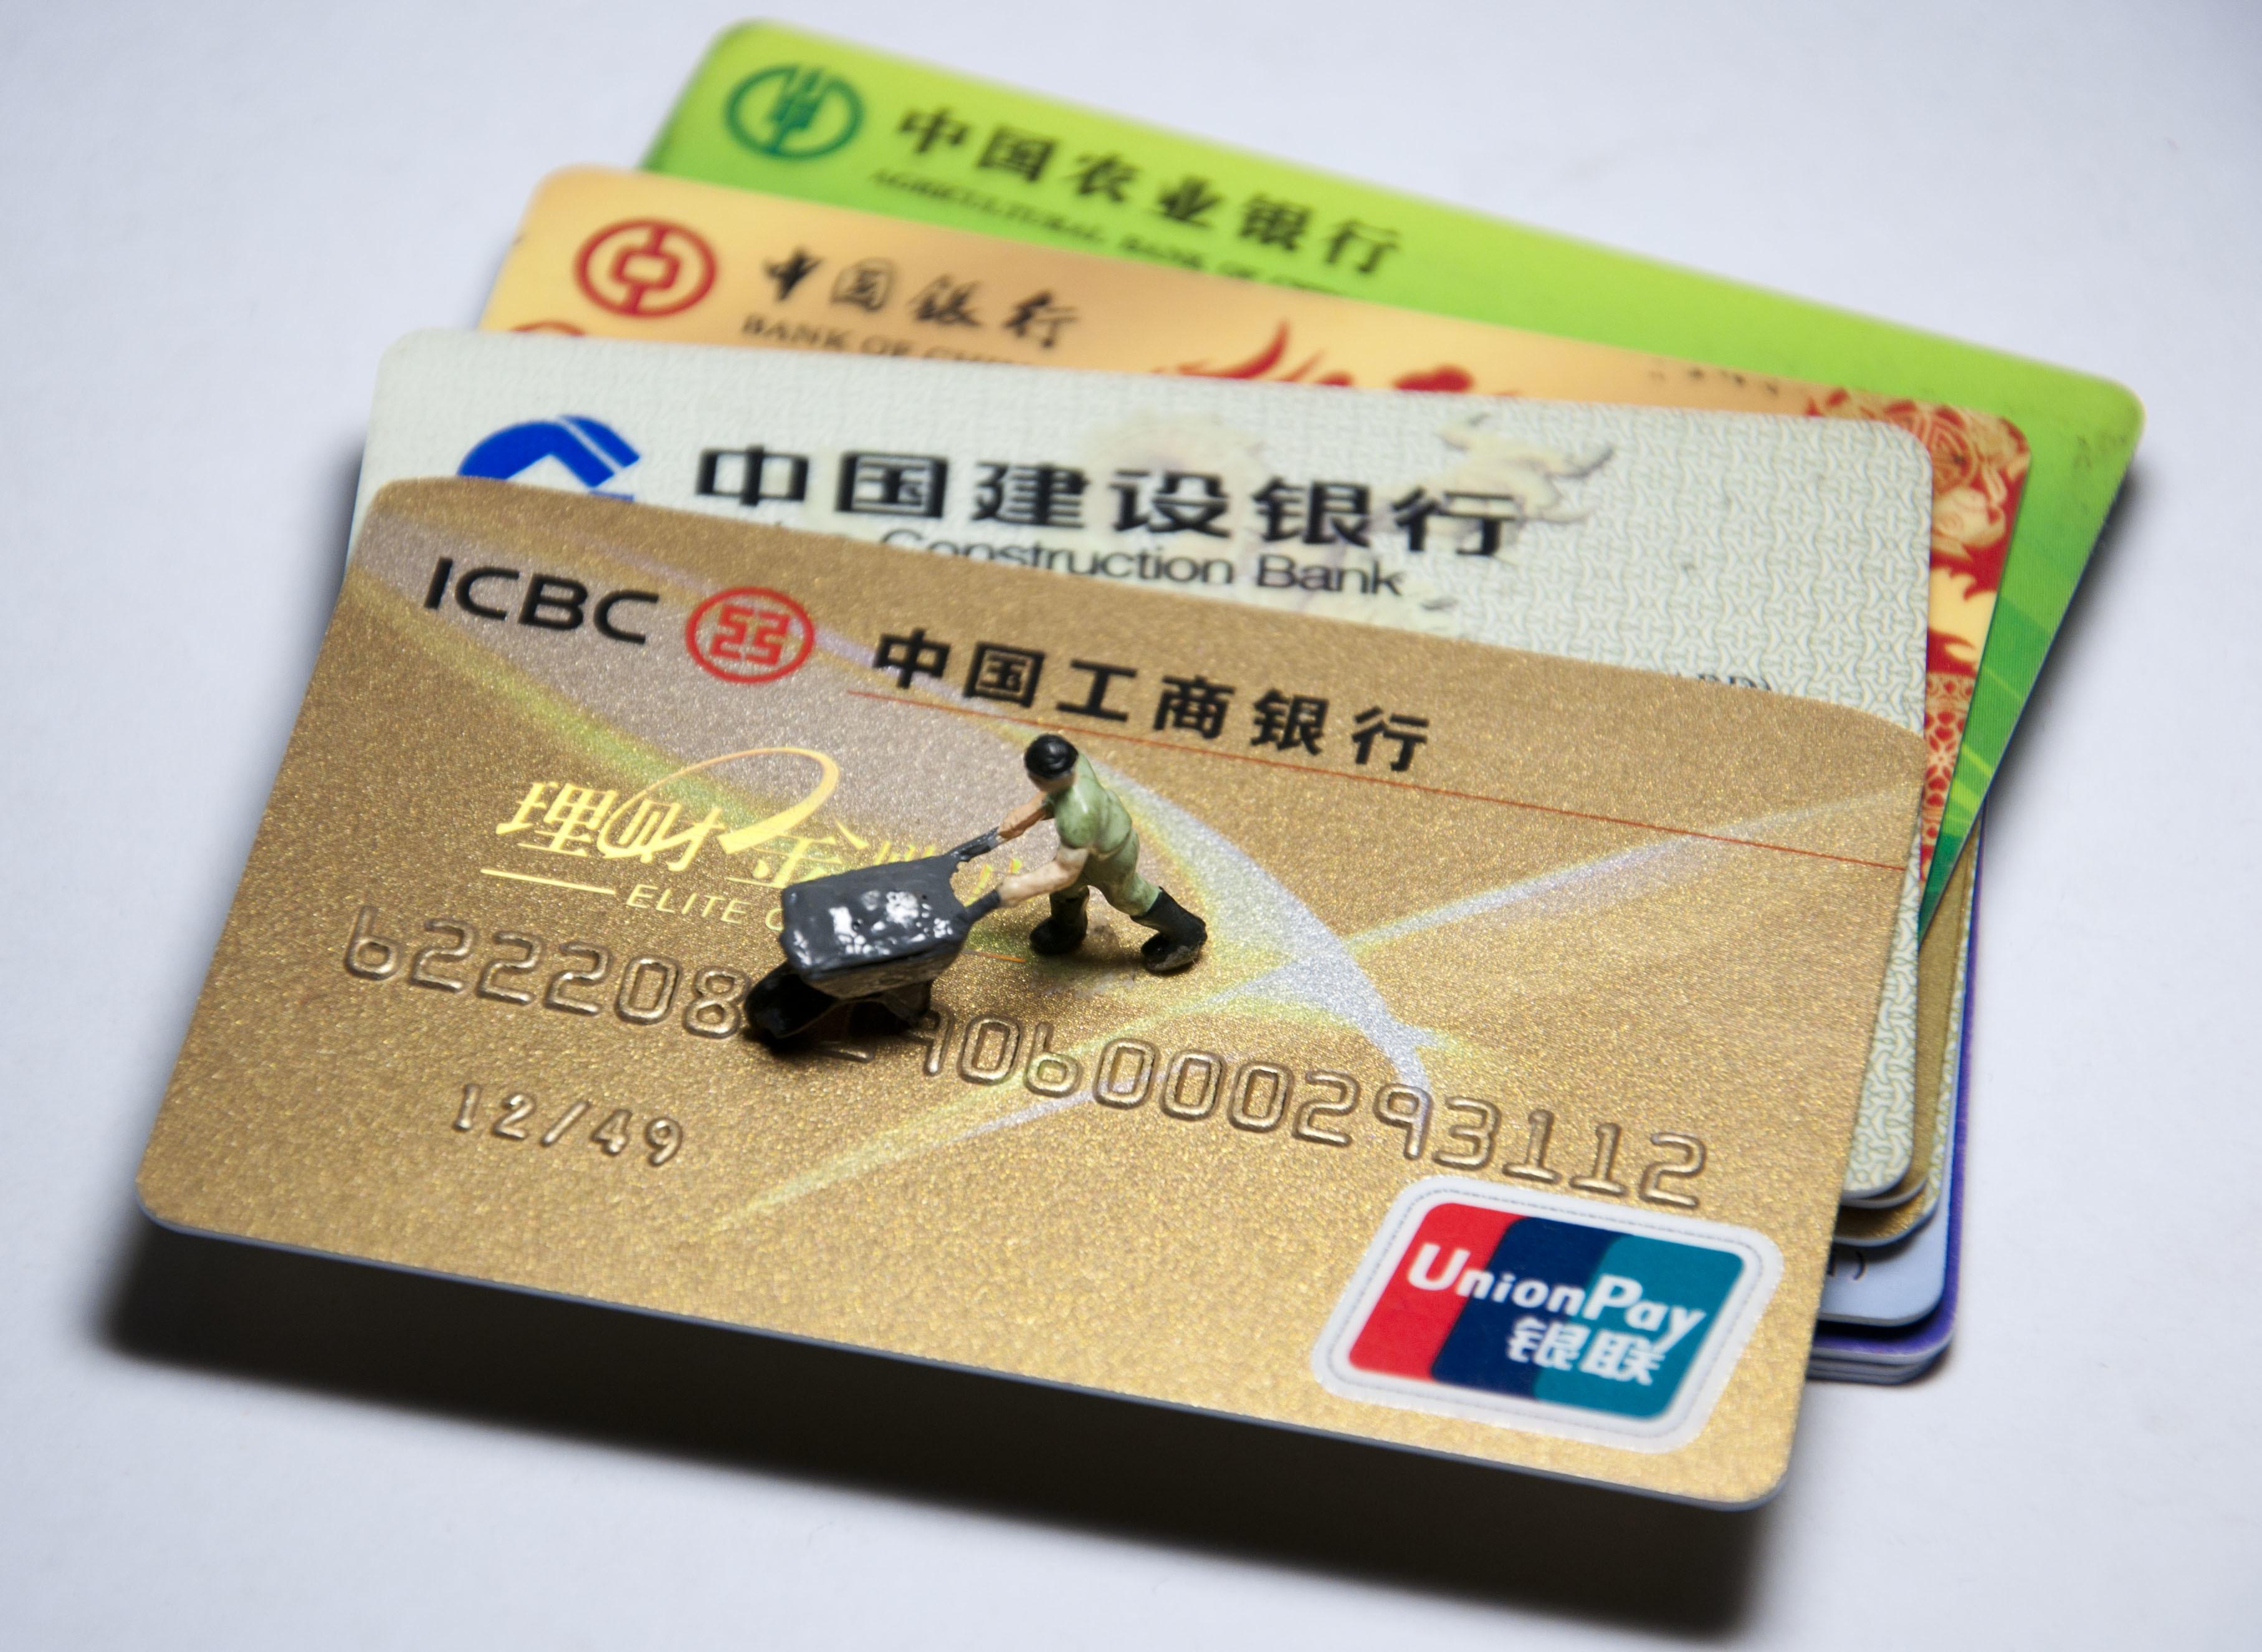 一直盲目办信用卡,一个人办几家银行最合适呢?